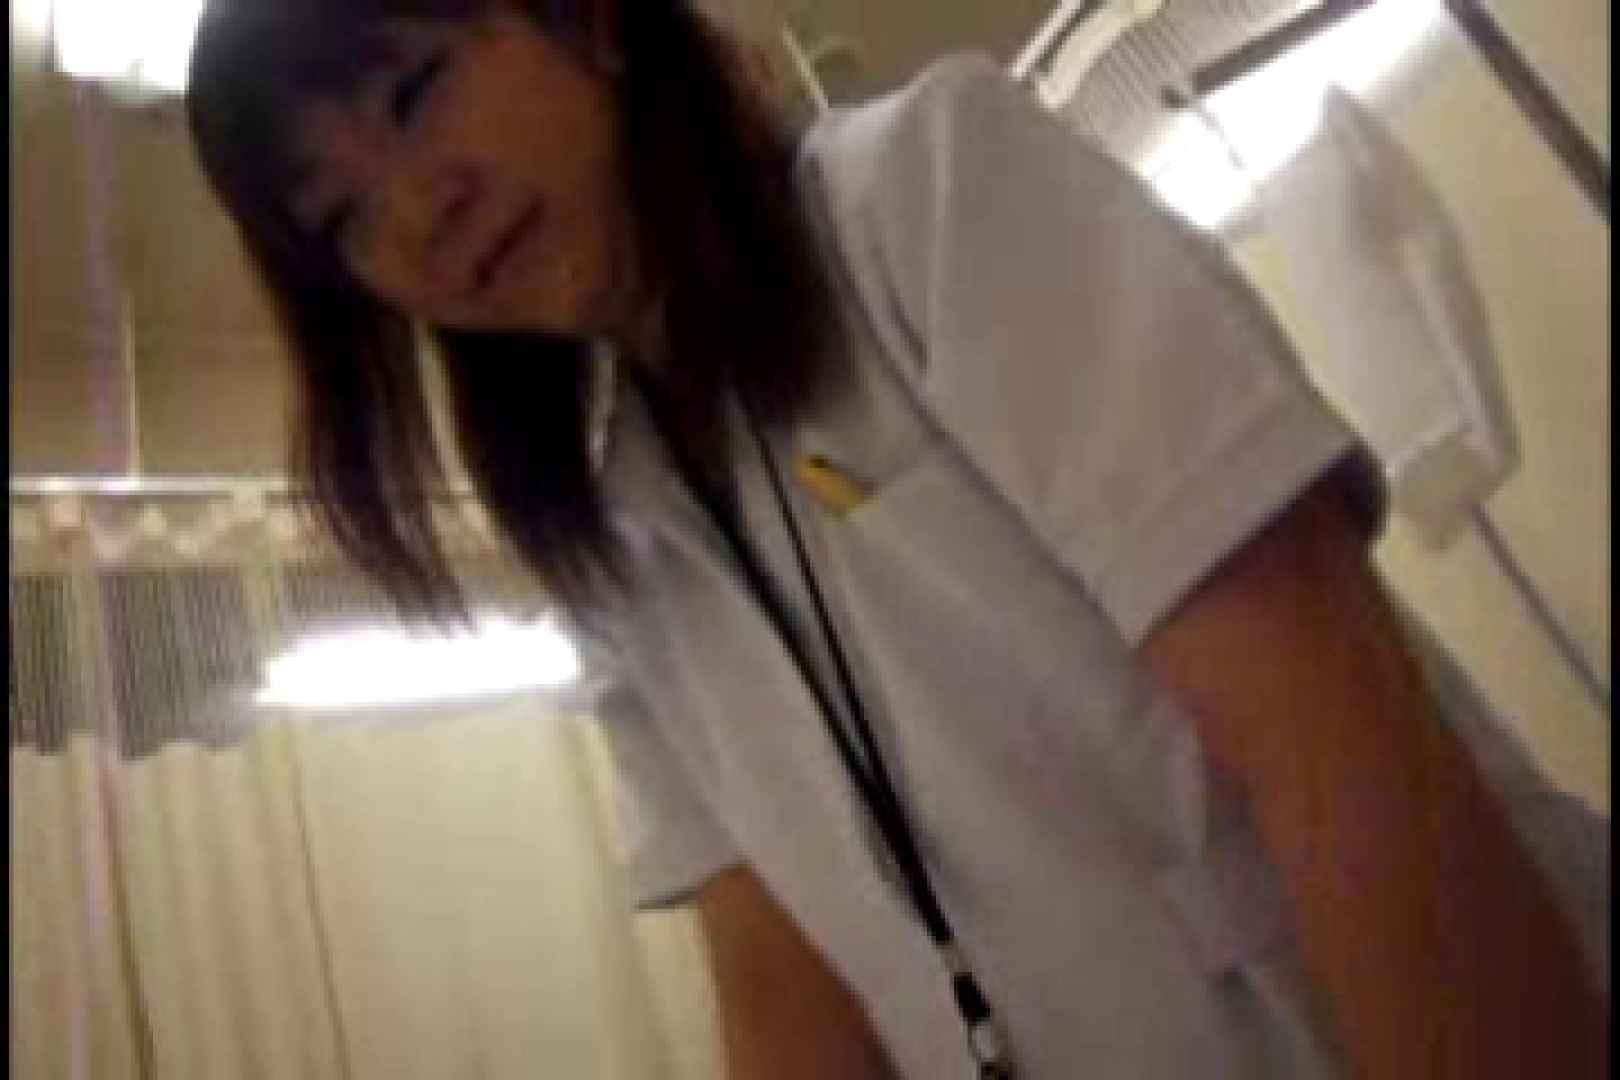 ヤリマンと呼ばれた看護士さんvol1 シックスナイン  98pic 43